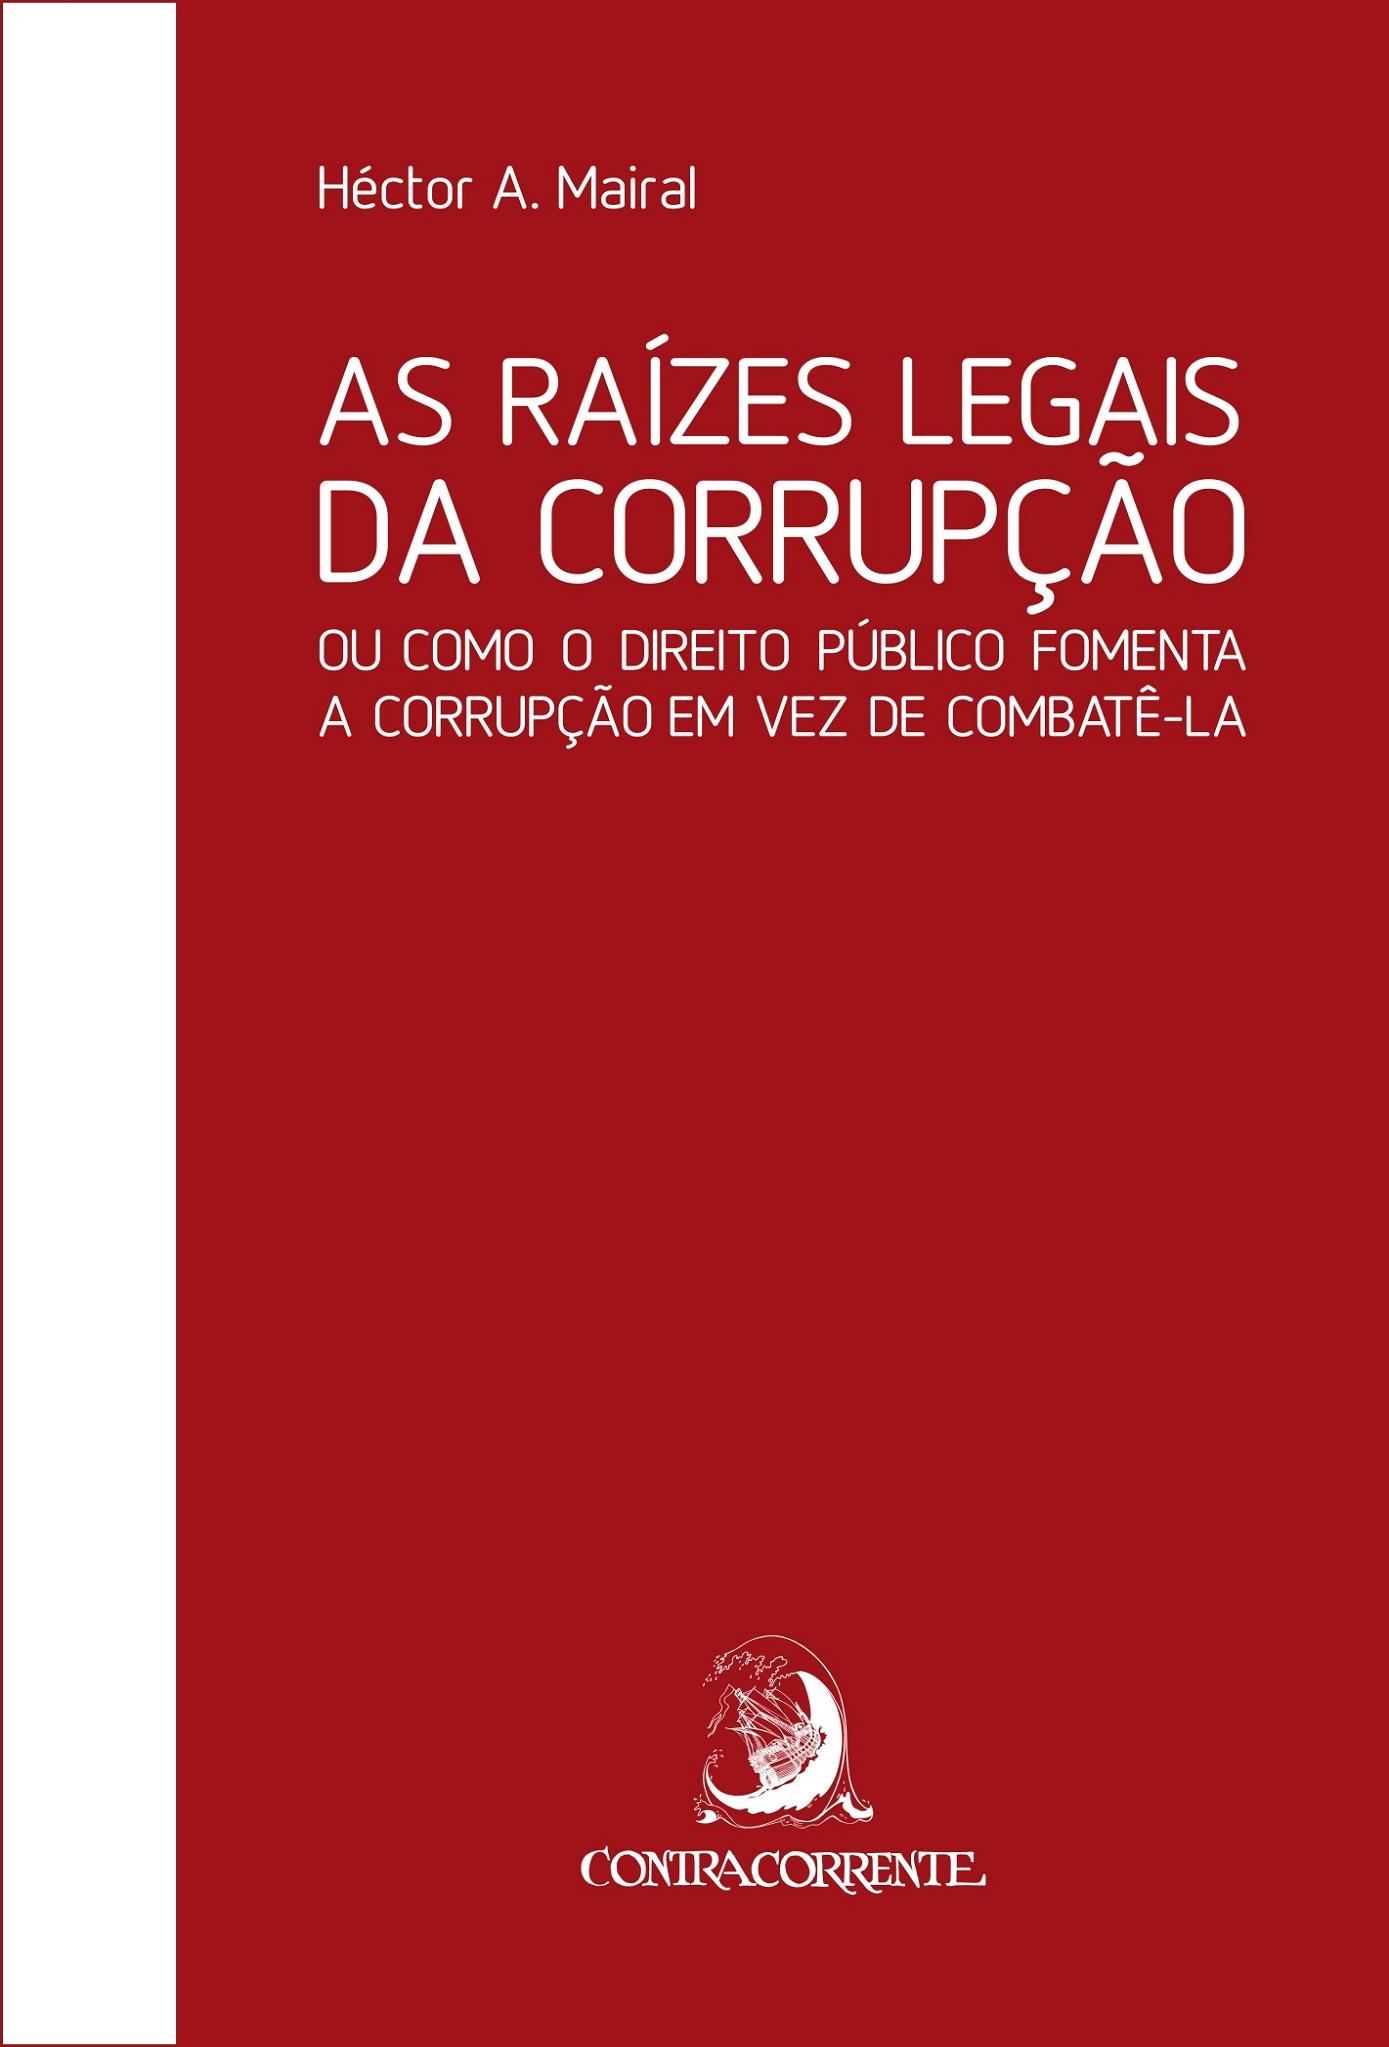 As raízes legais da corrupção: ou como o direito público fomenta a corrupção em vez de combatê-la, livro de Hector A. Mairal